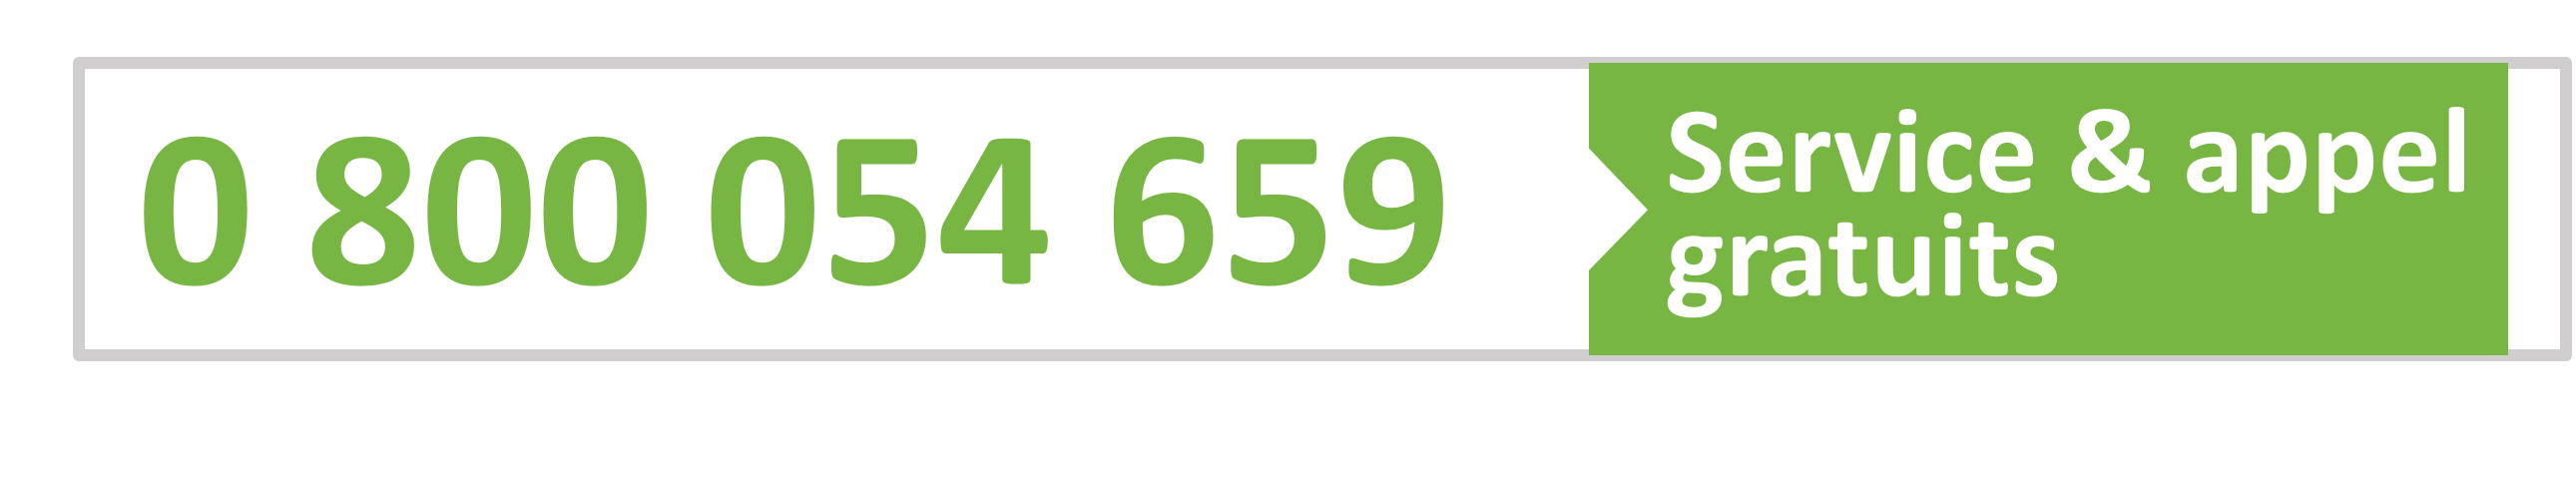 Calendrier De Deploiement De Linky.Deploiement Compteur Linky La Concession Sde54